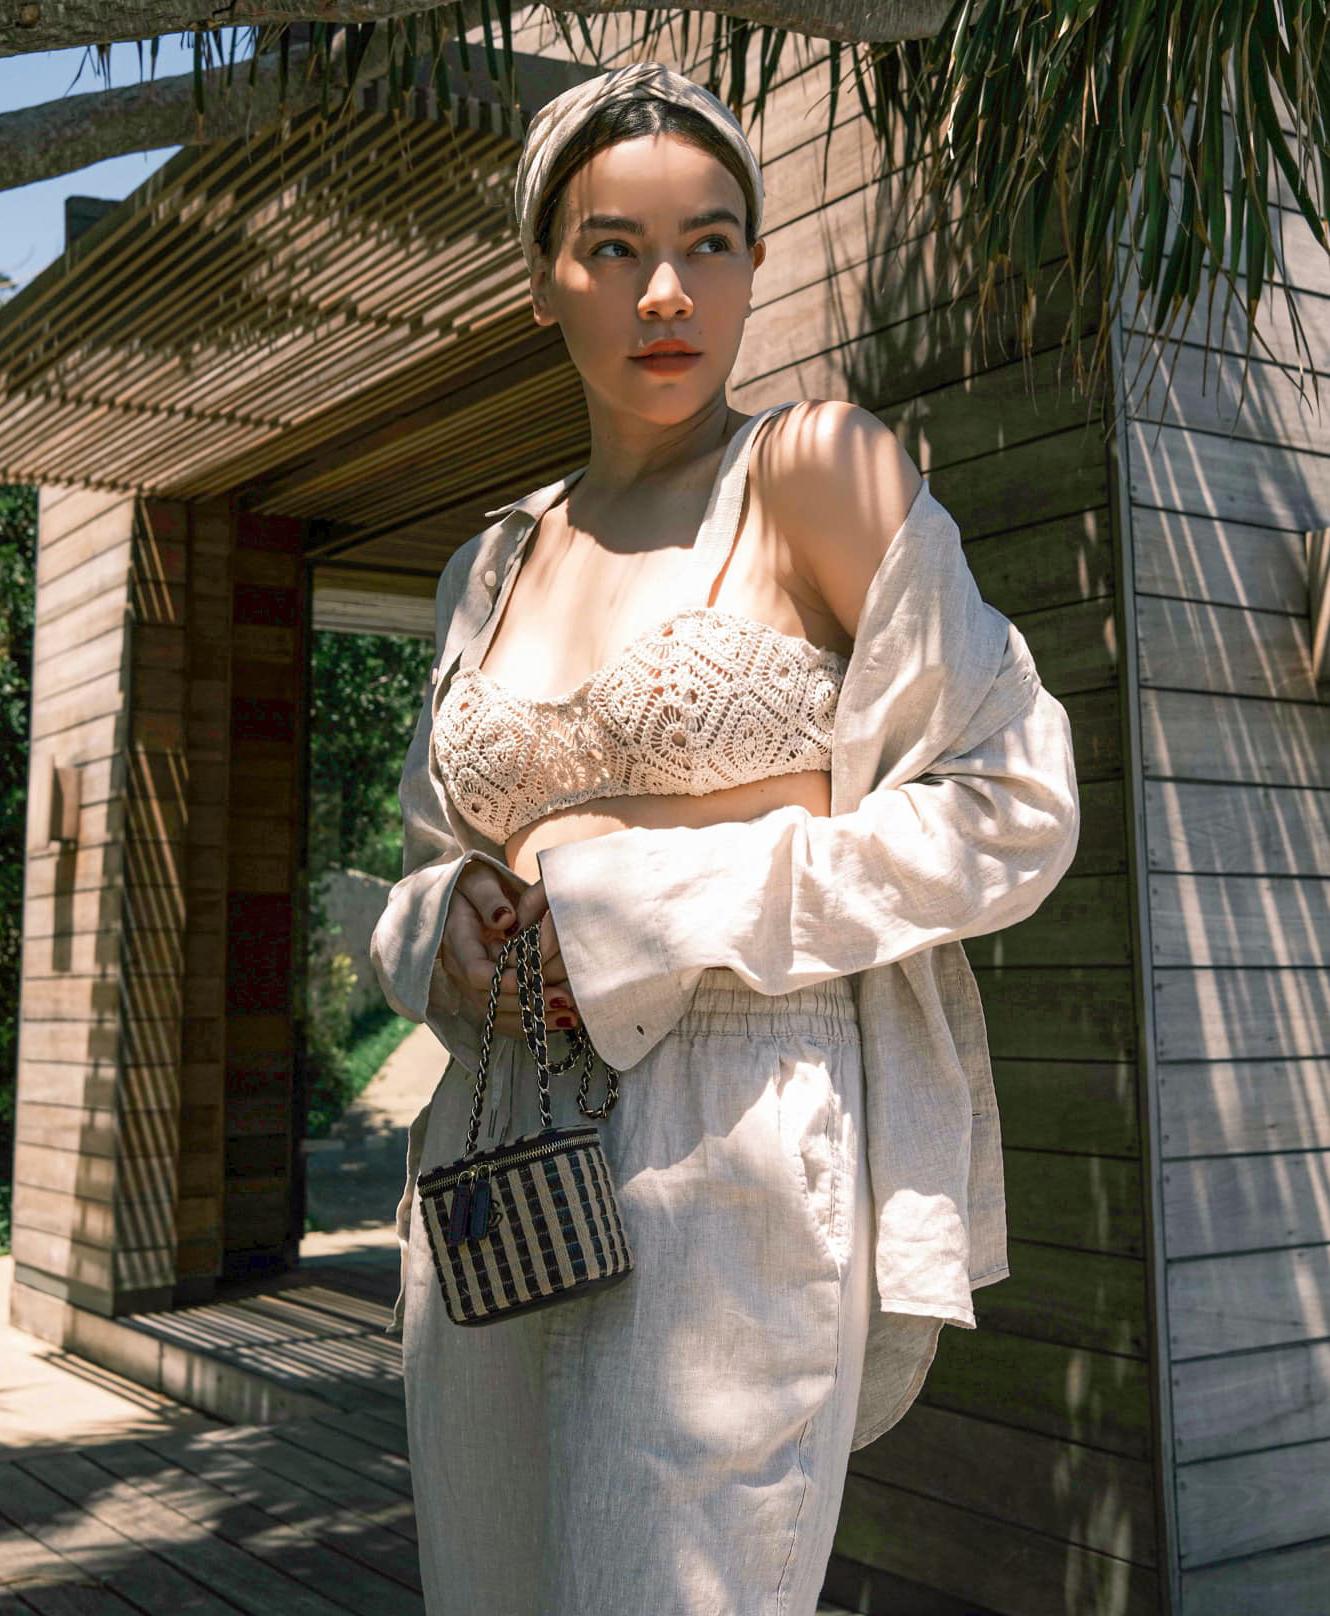 Đi nghỉ dưỡng, Hà Hồ lên đồ sang xịn khi kết hợp hai chất liệu siêu mát mẻ là len móc và linen, tạo nên bộ cánh đậm chất resort.